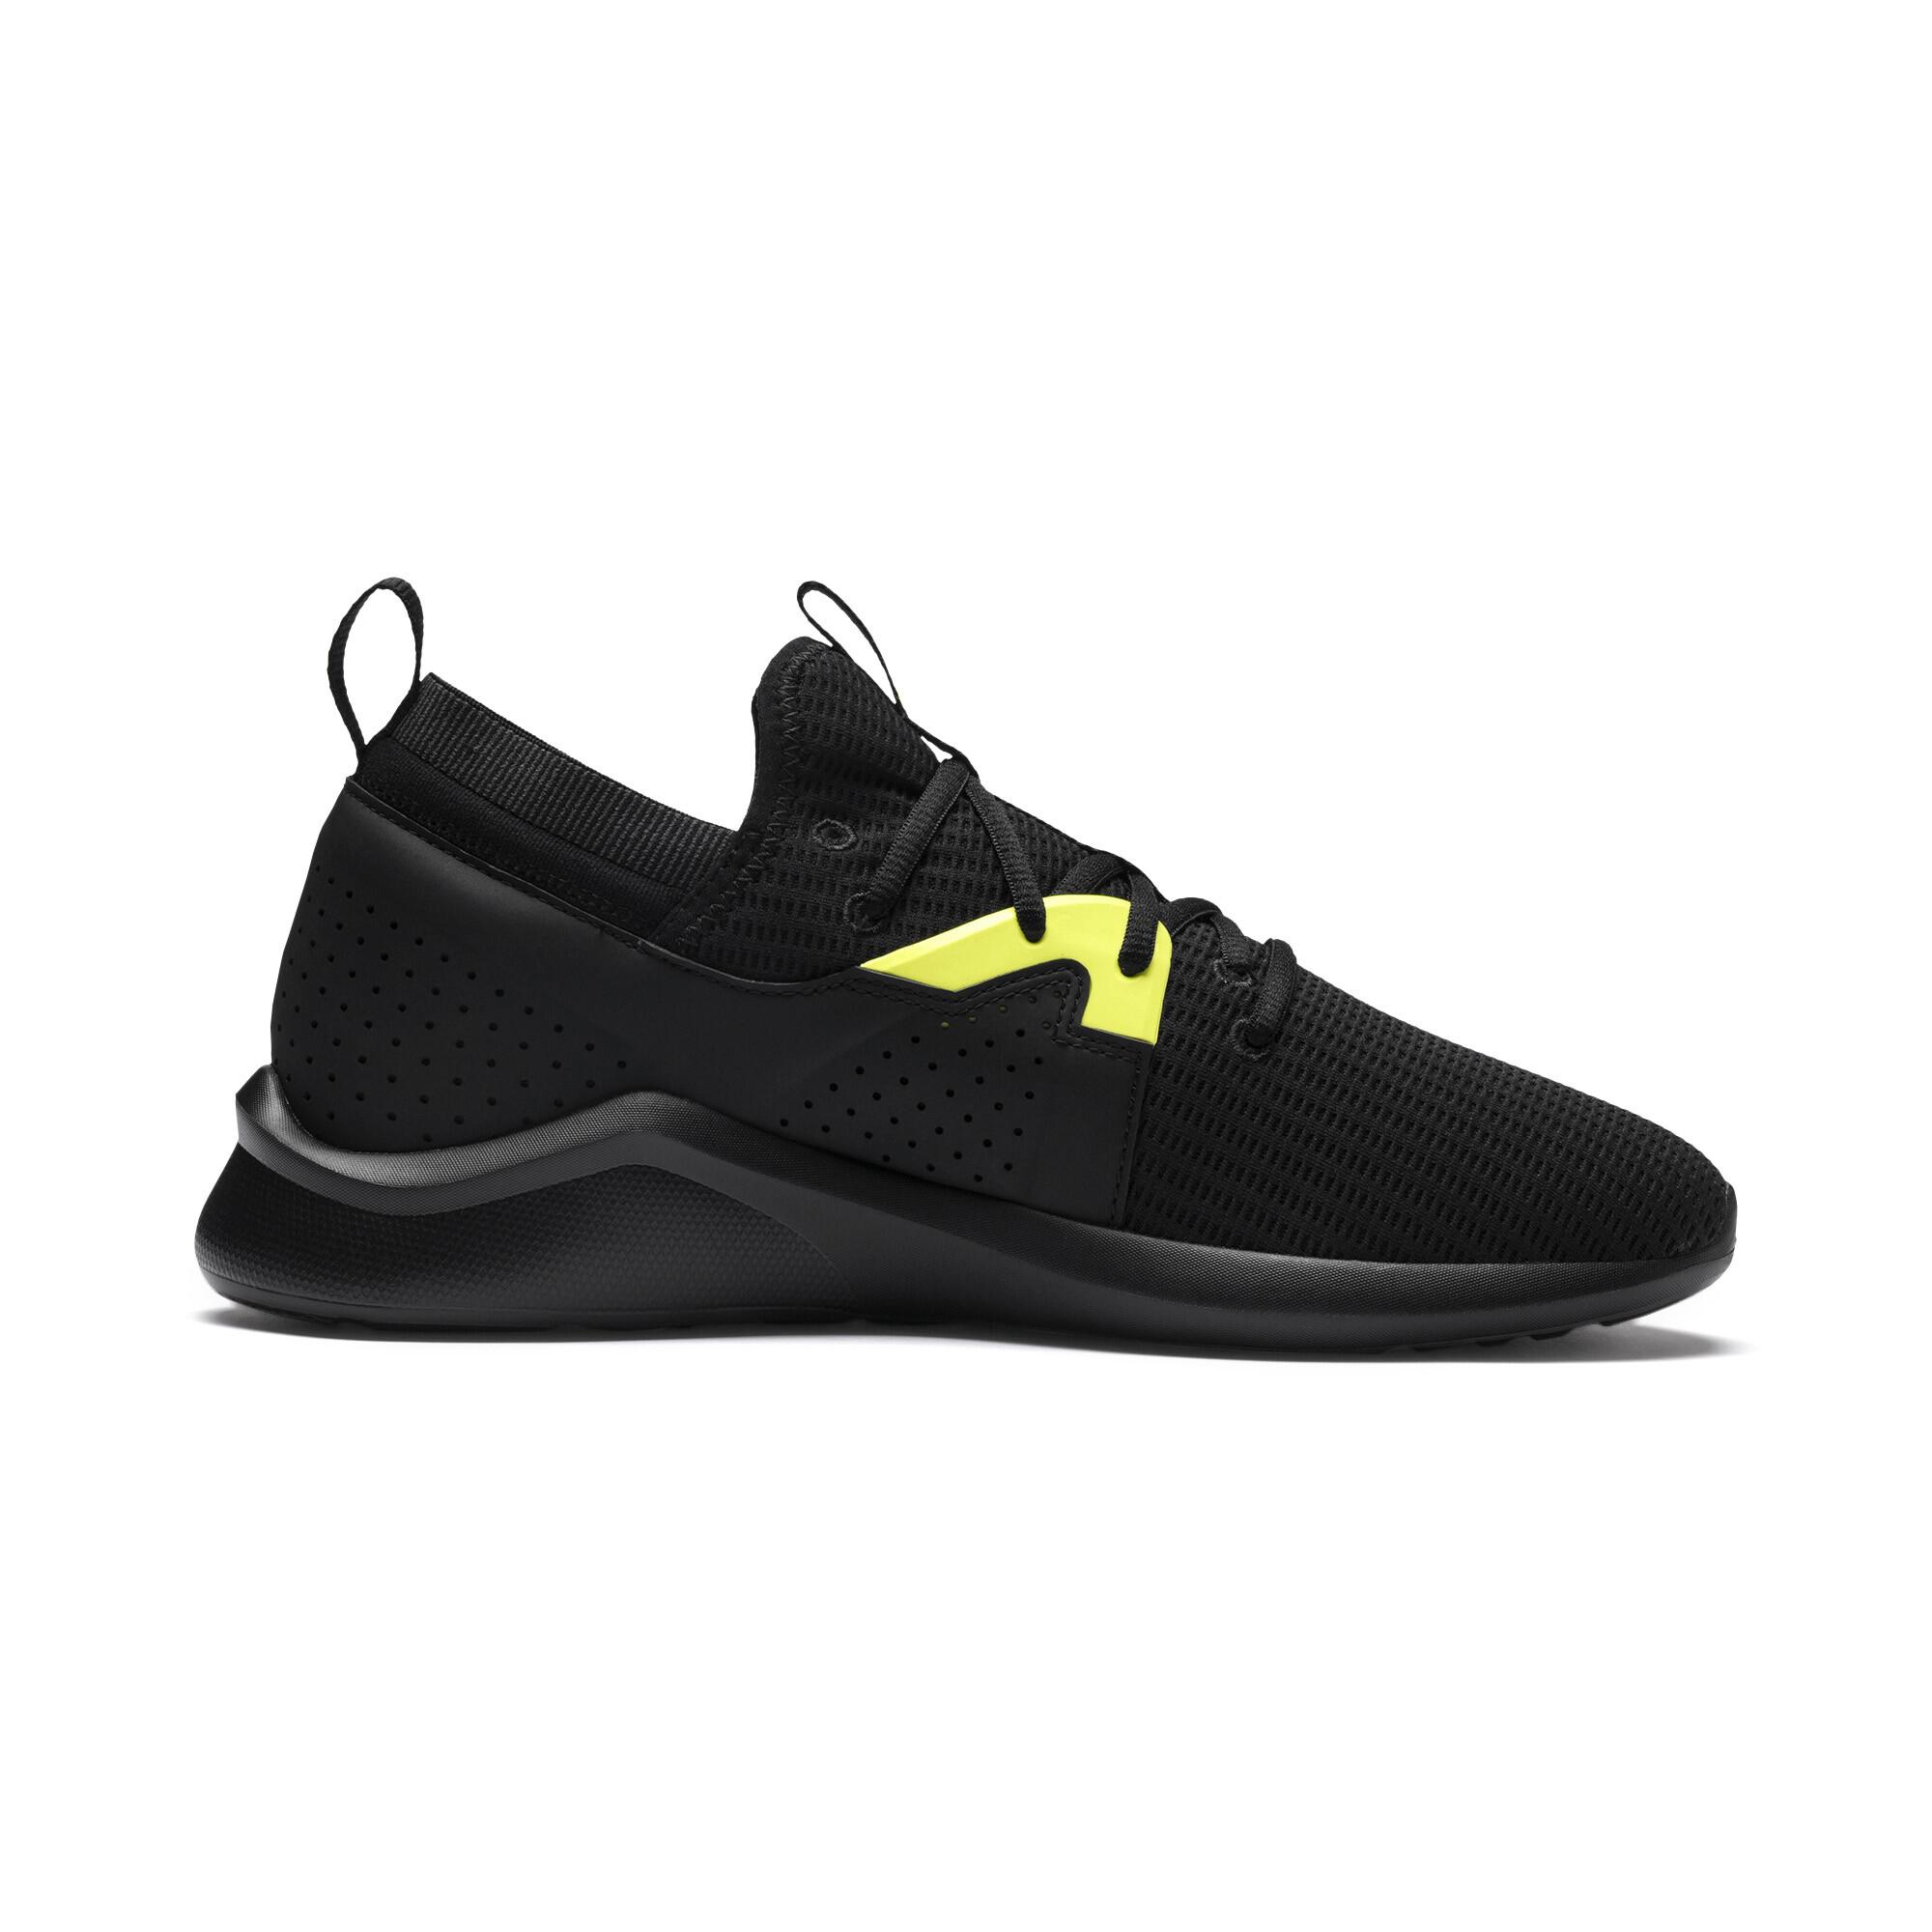 PUMA-Men-039-s-Emergence-Future-Training-Shoes thumbnail 8